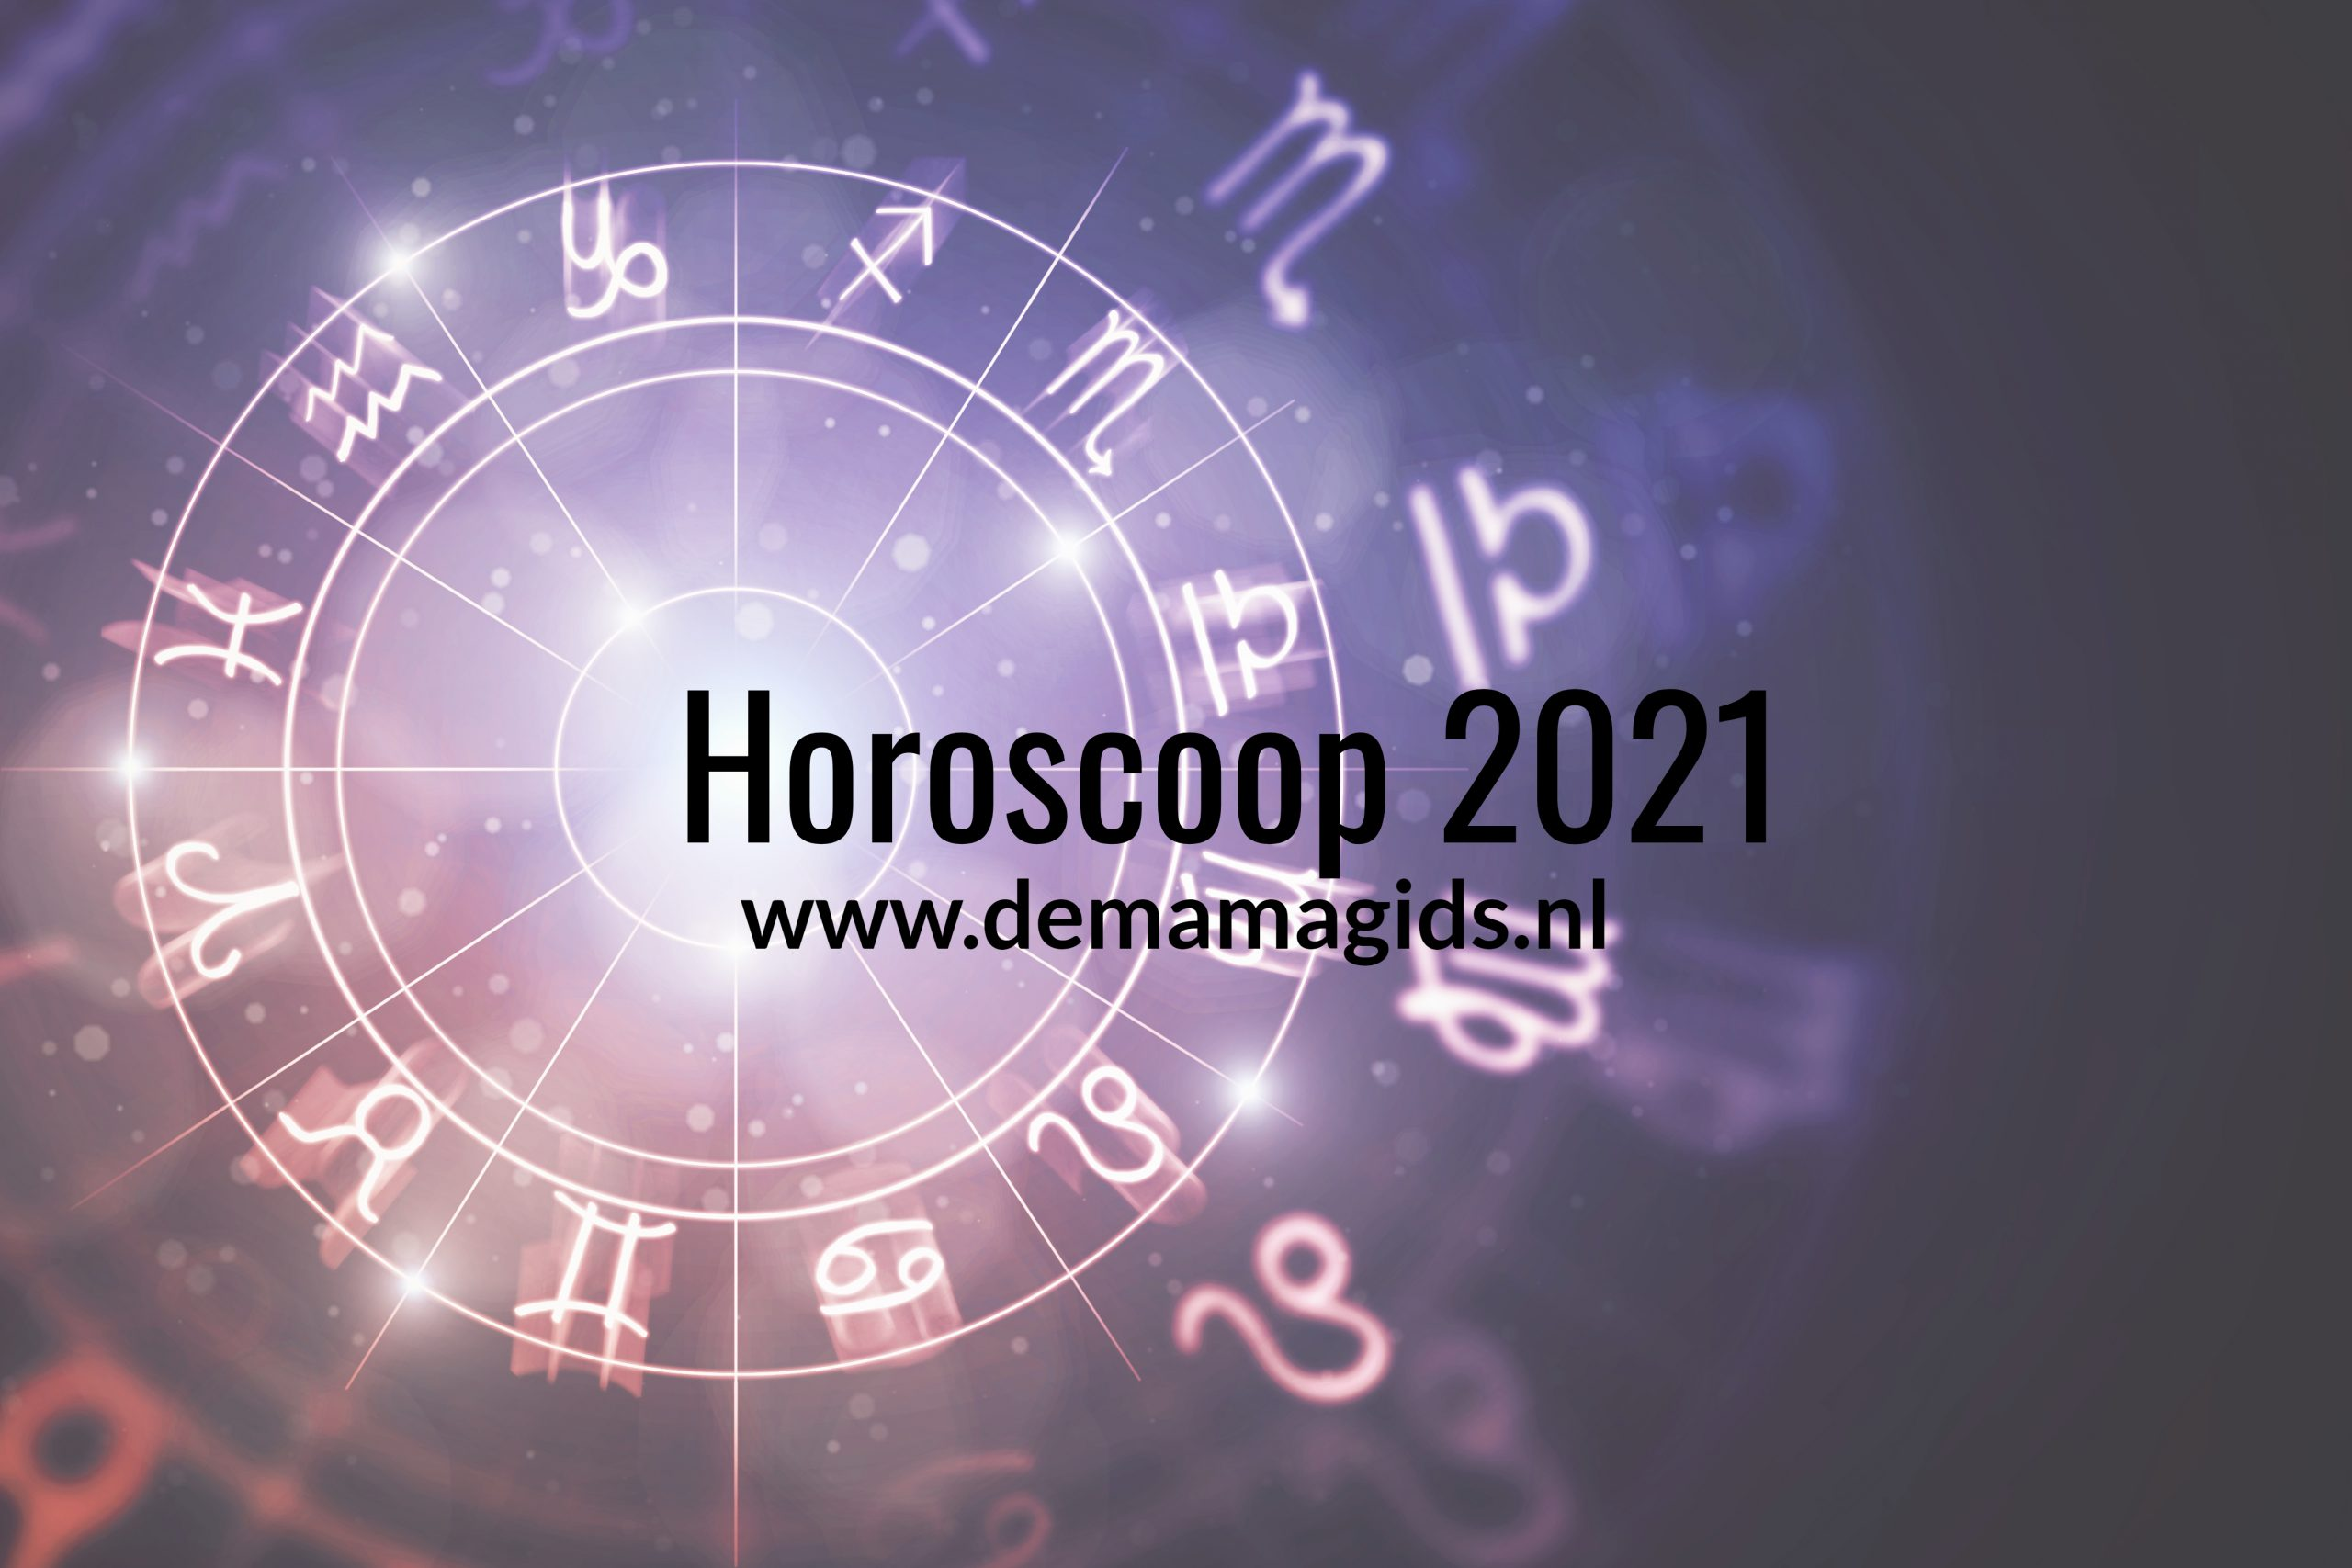 horoscoop maandhoroscoop juli 2021 waterman vissen ram stier tweelingen kreeft leeuw maagd weegschaal schorpioen boogschutter steenbok